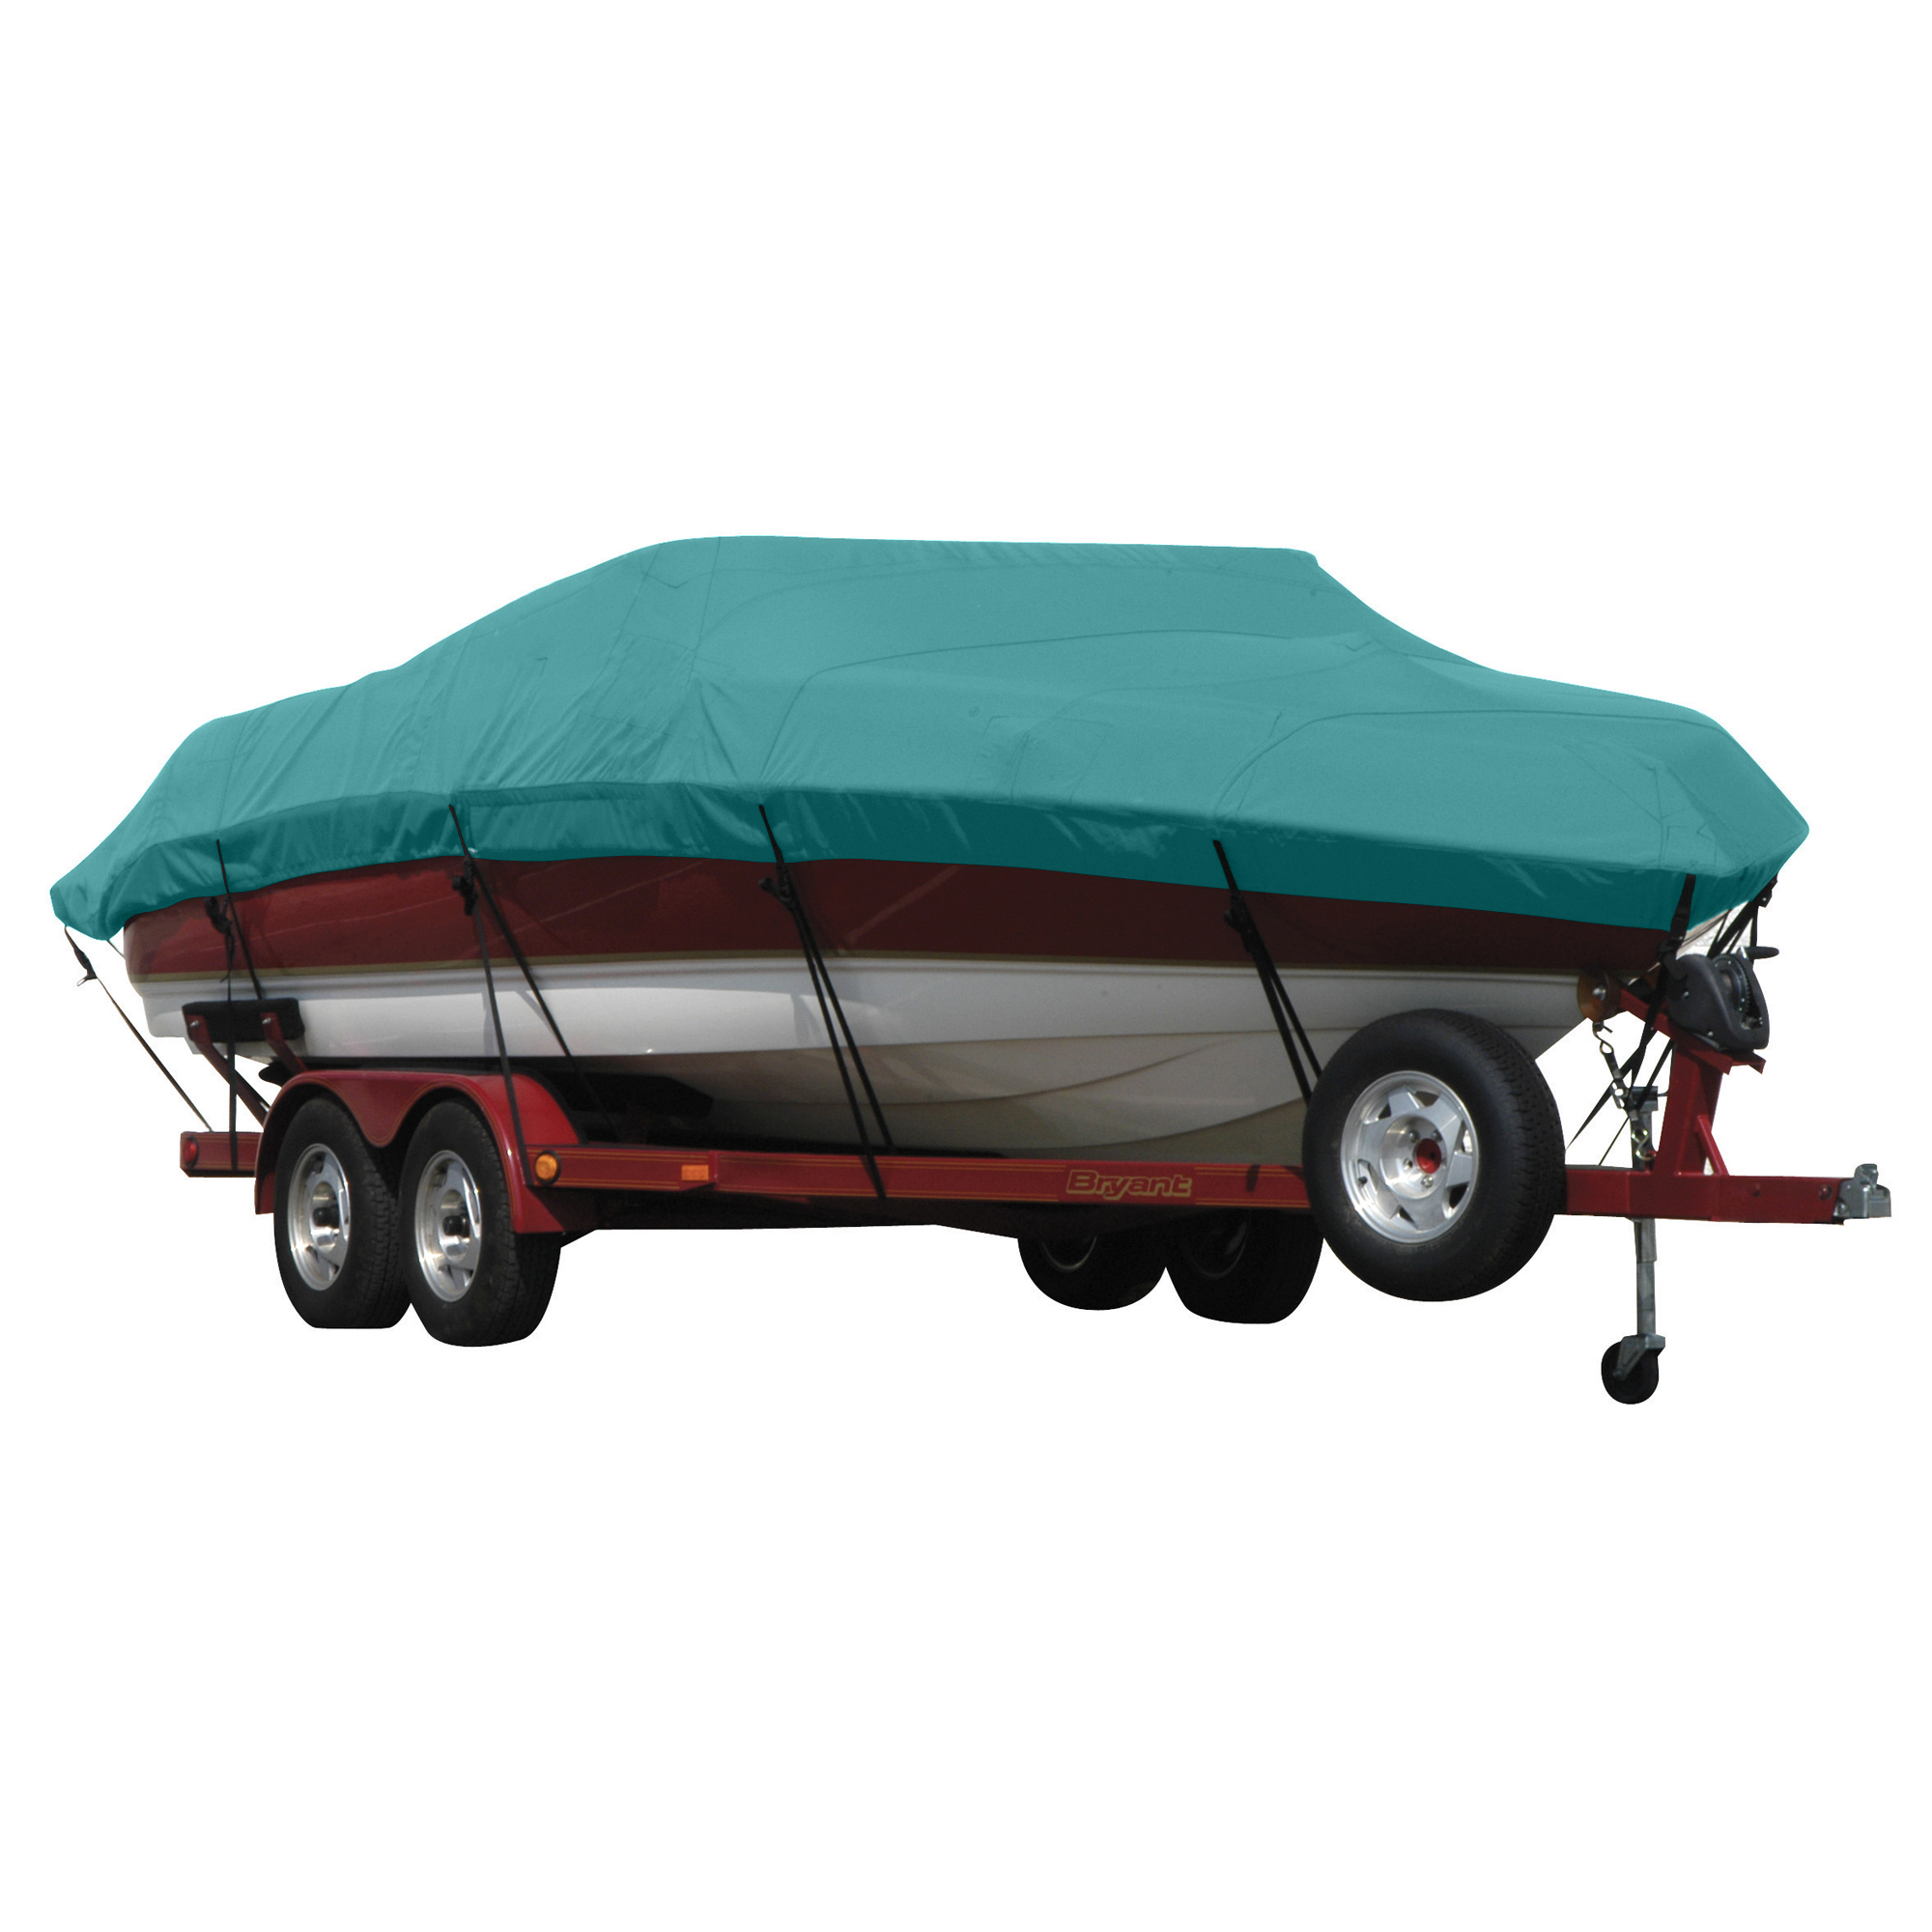 Exact Fit Covermate Sunbrella Boat Cover for Princecraft Super Pro 176 Super Pro 176 Fish N Promenade W/Ski Rope Guard O/B. Aqua